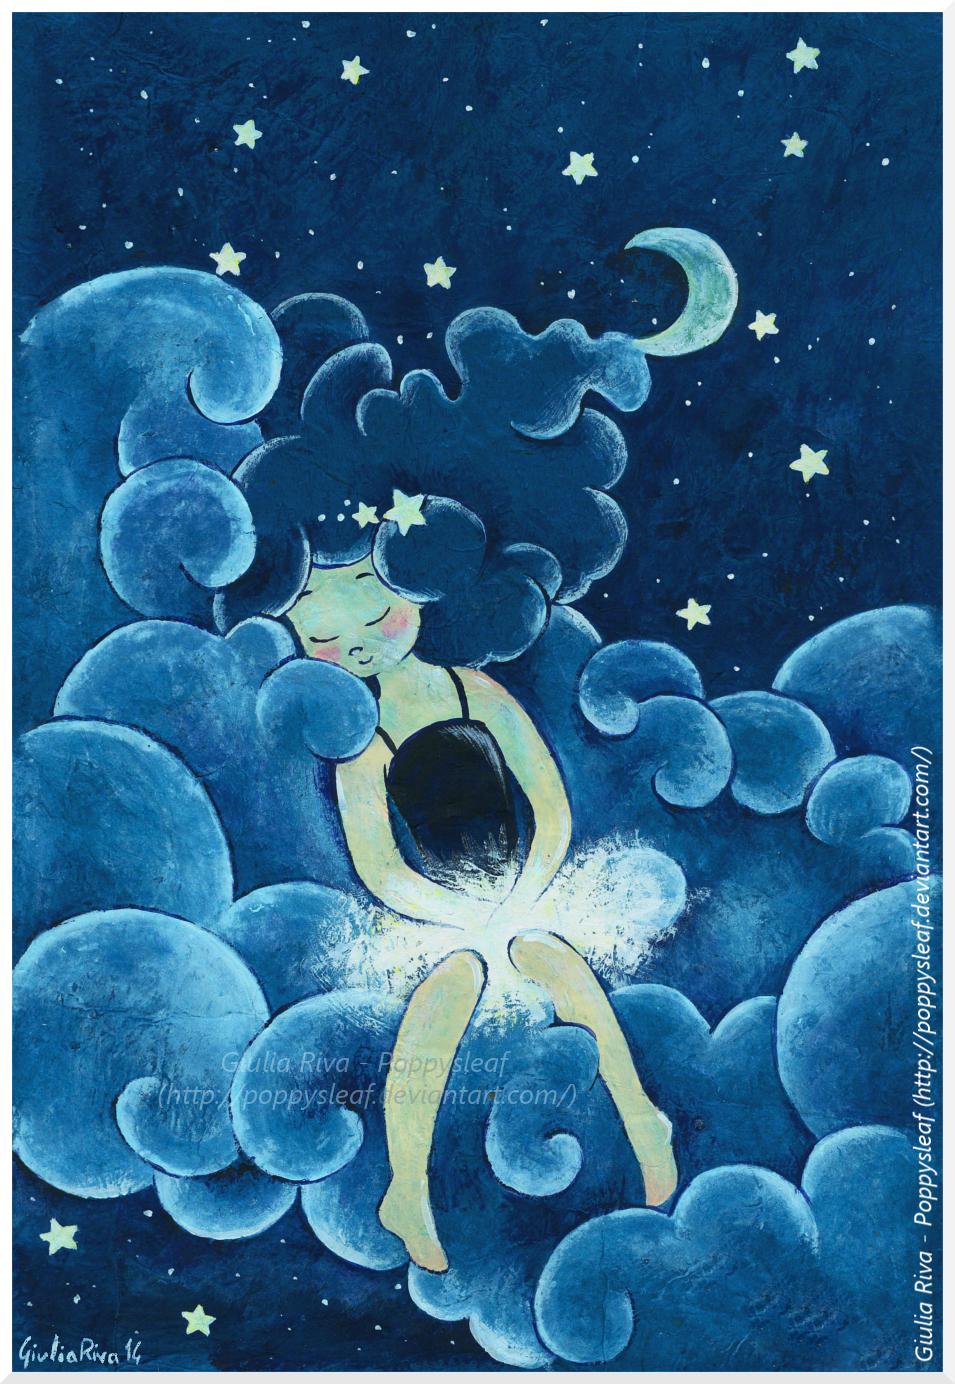 Twinkle twinkle little star by Poppysleaf